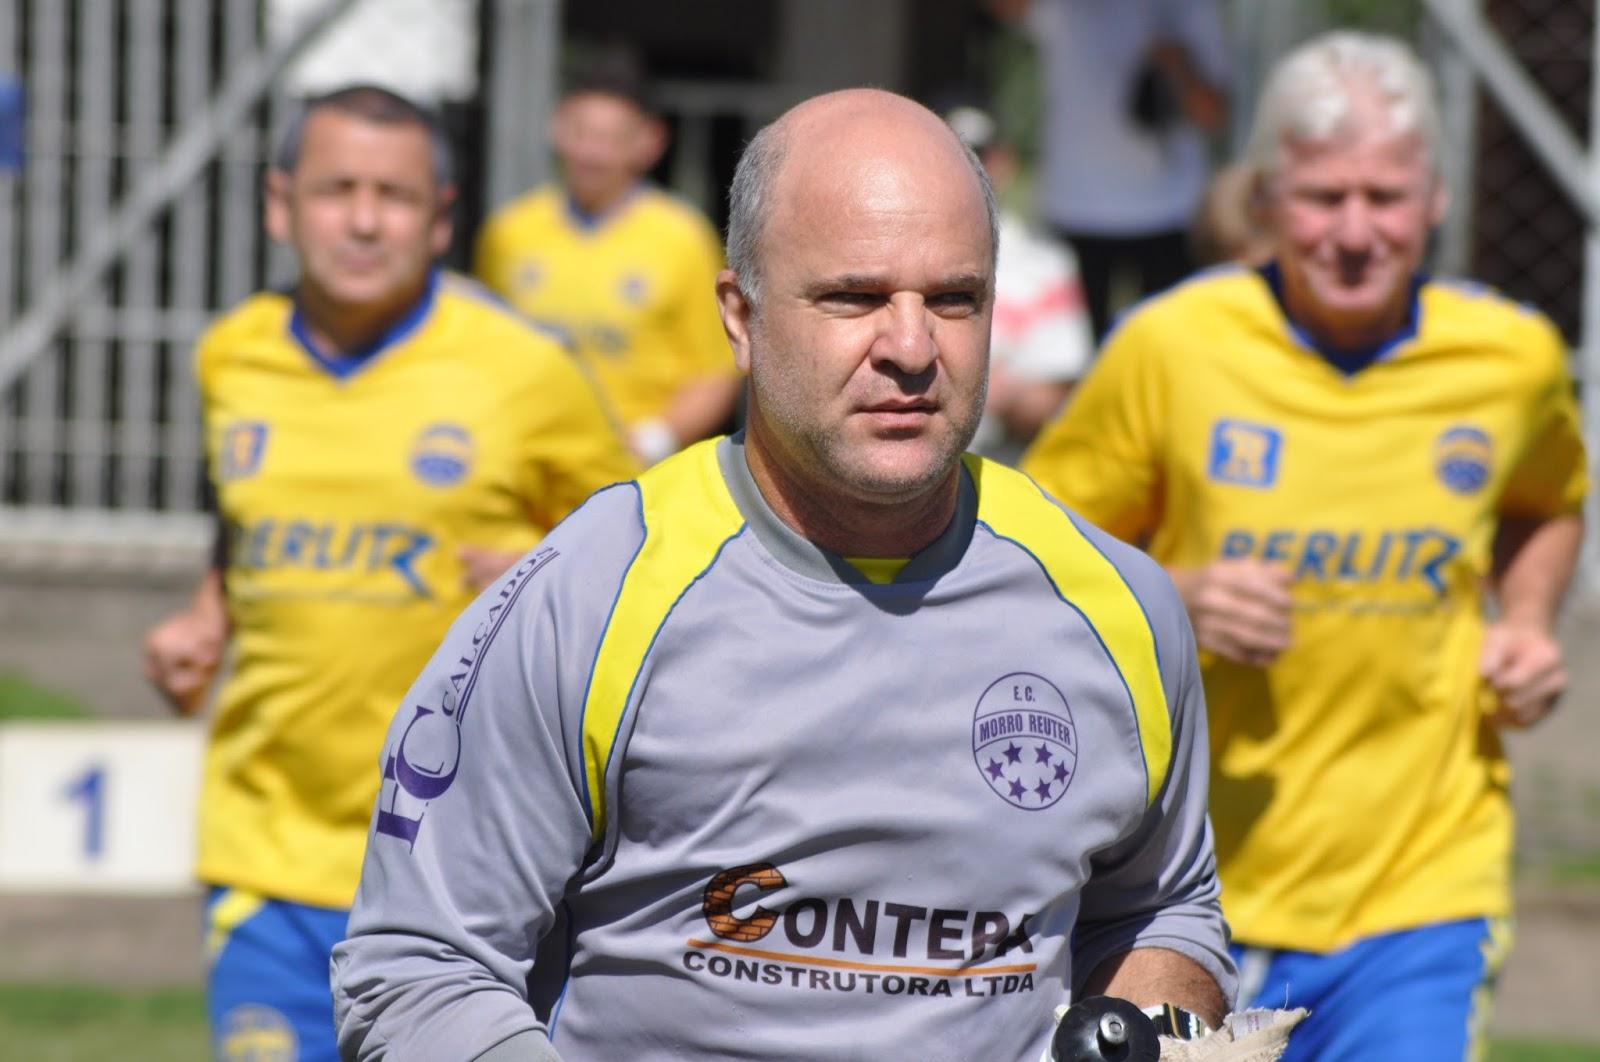 4387a4dcfa O melhor goleiro do master gaúcho - Campeonato Gaúcho Master ...